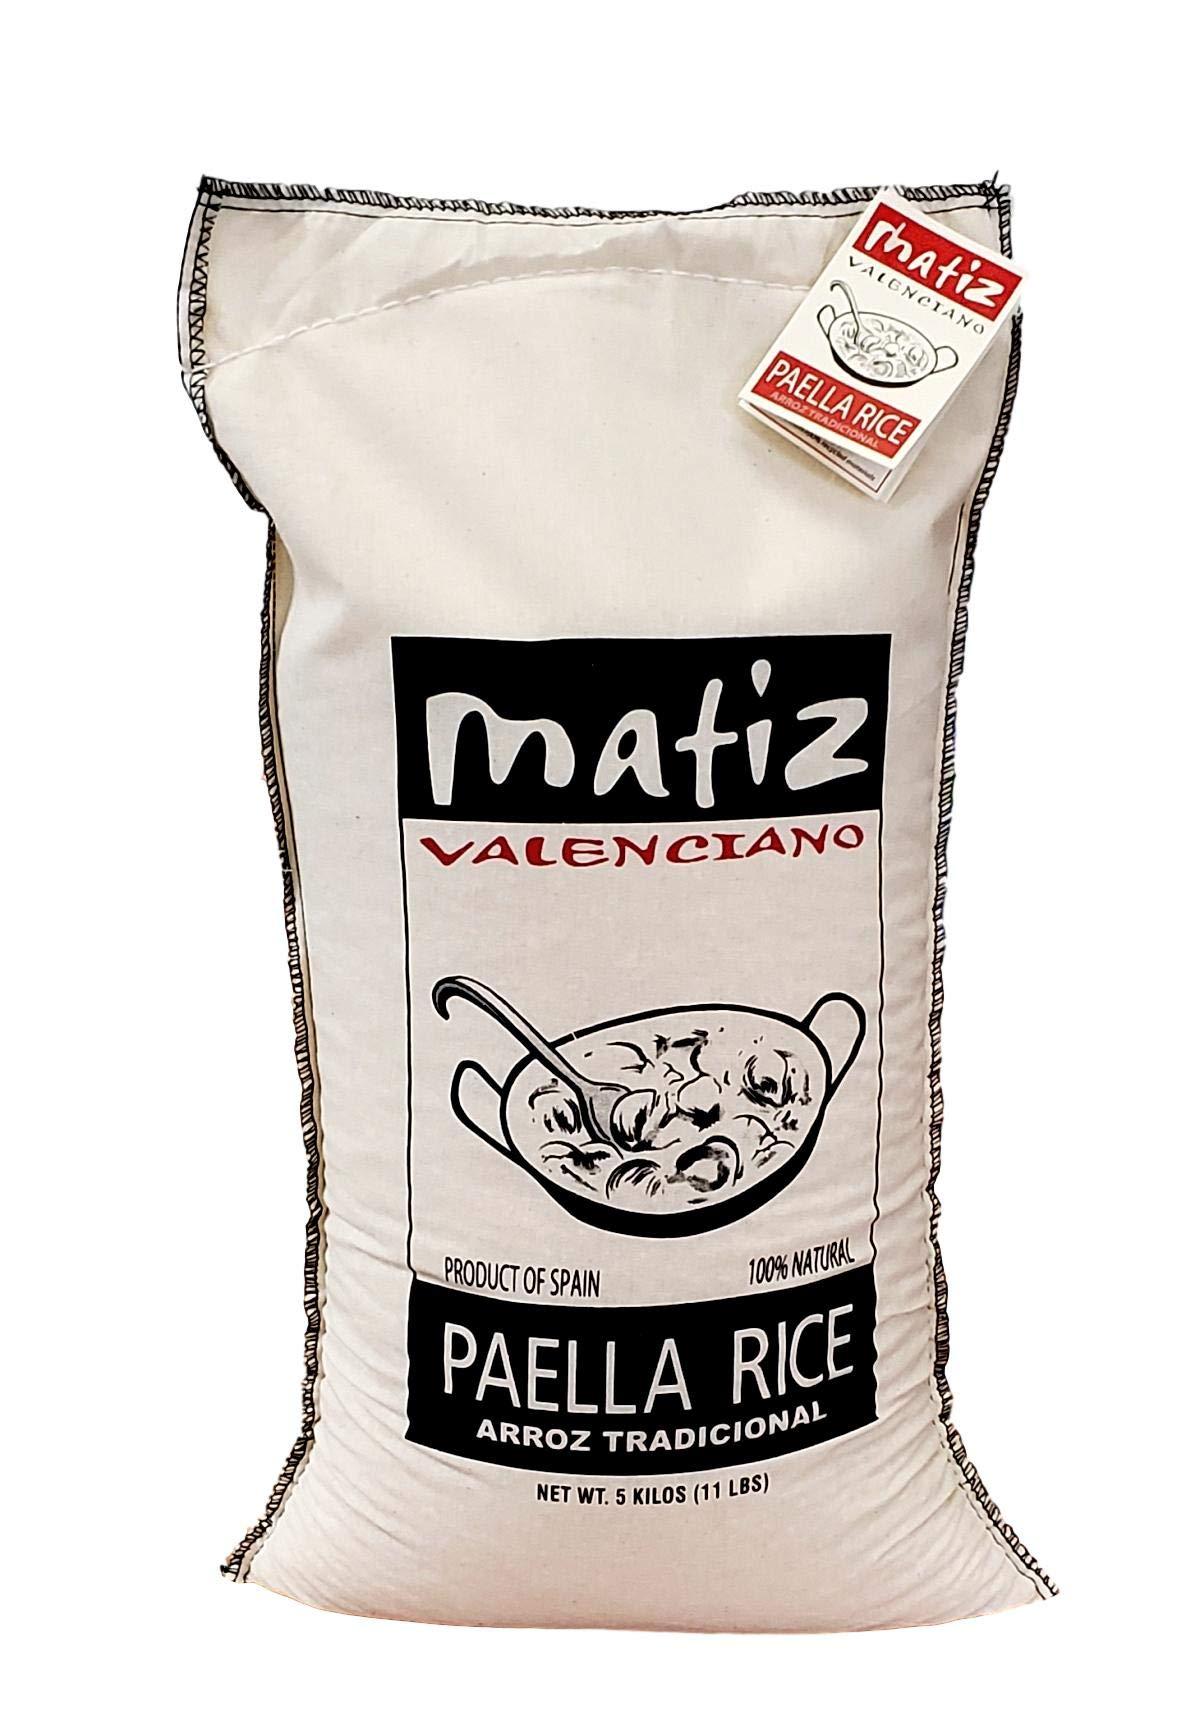 Matiz Valenciano Paella Rice 11 pounds